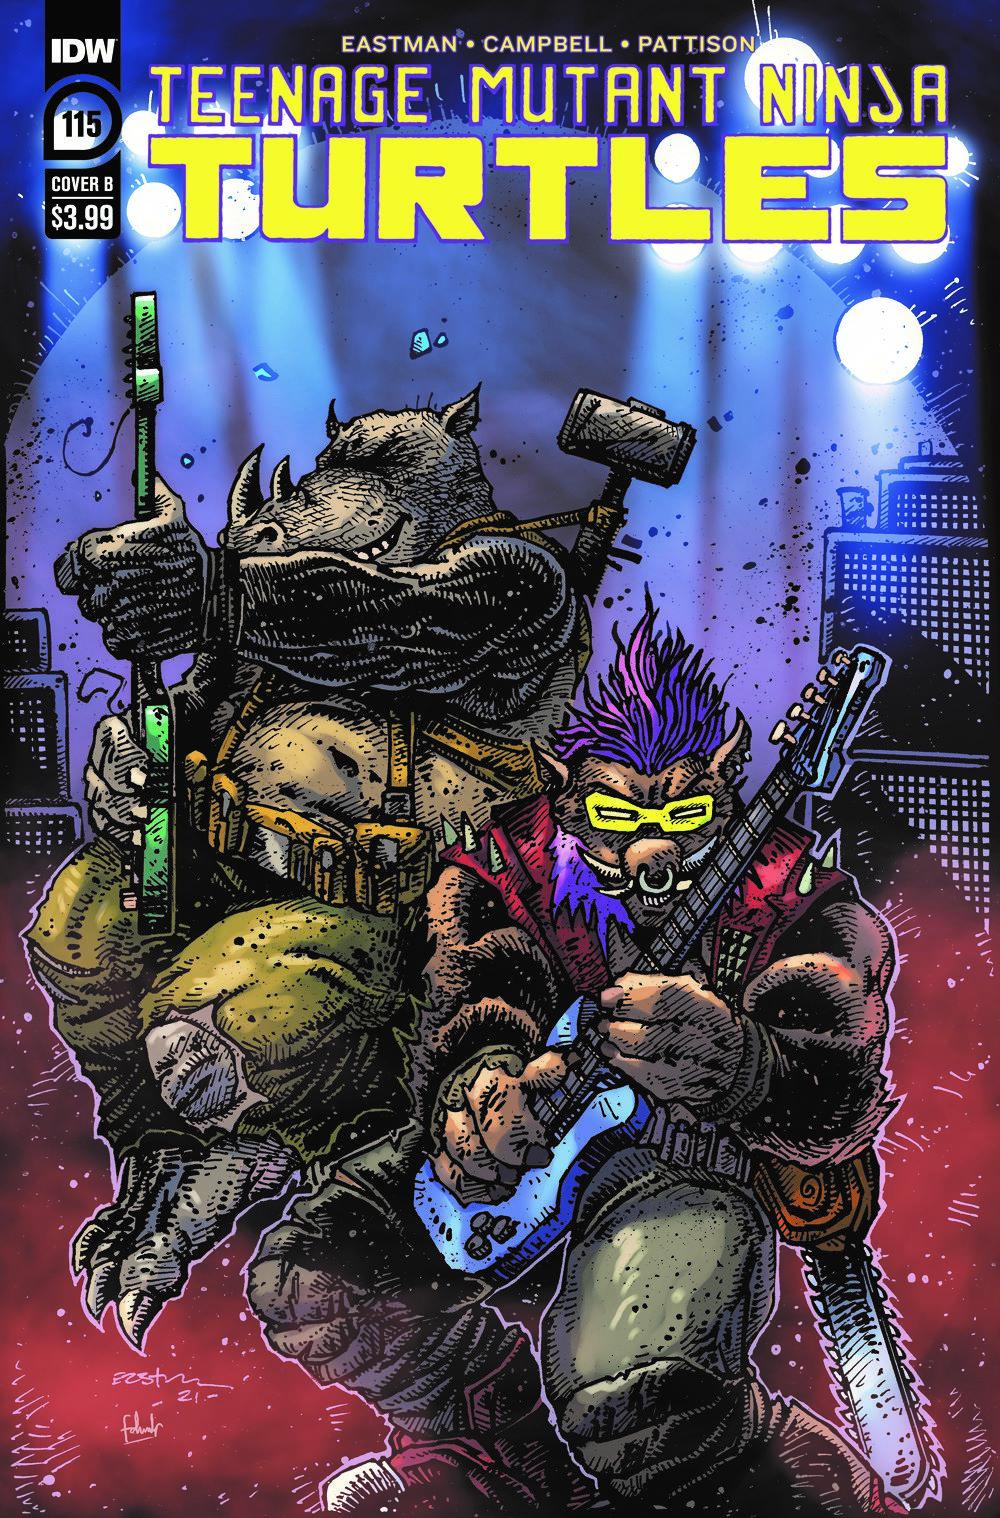 TMNT115_cvrB ComicList Previews: TEENAGE MUTANT NINJA TURTLES #115